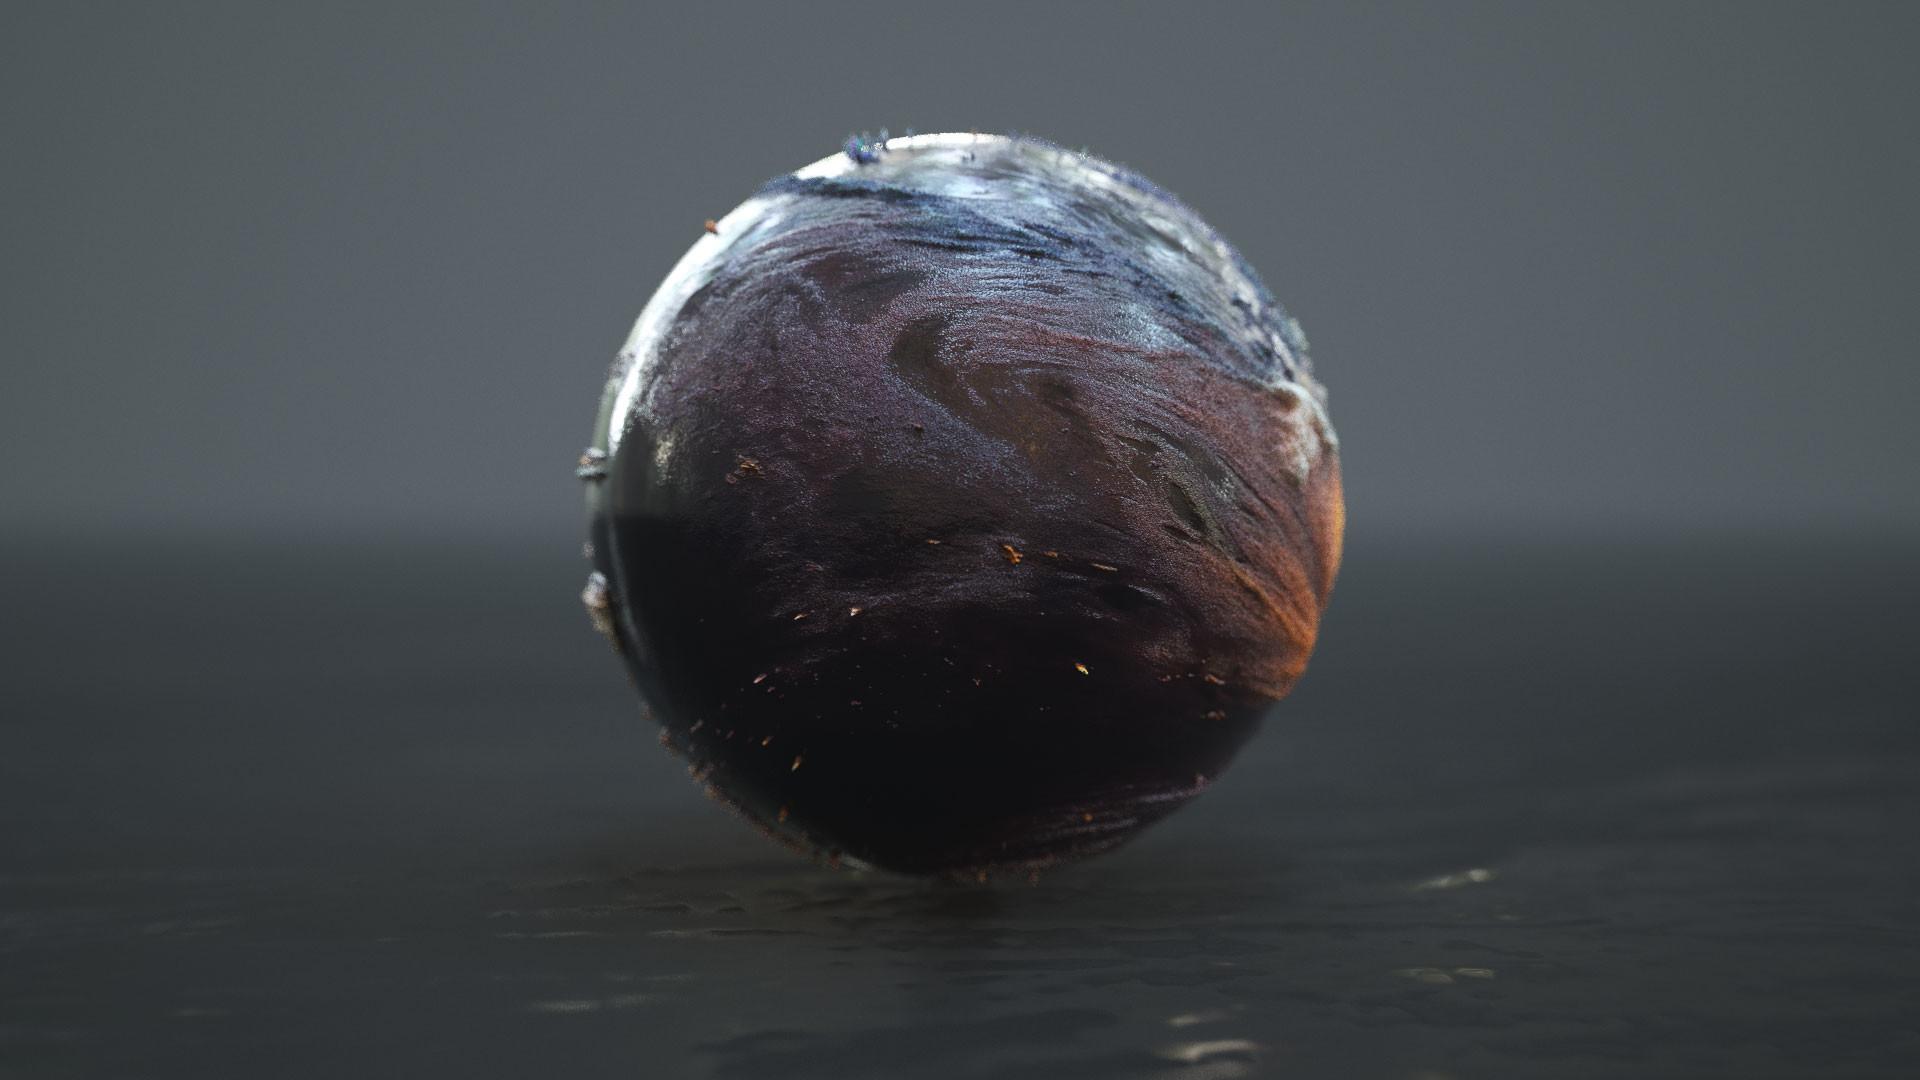 Ry cloze newworld48